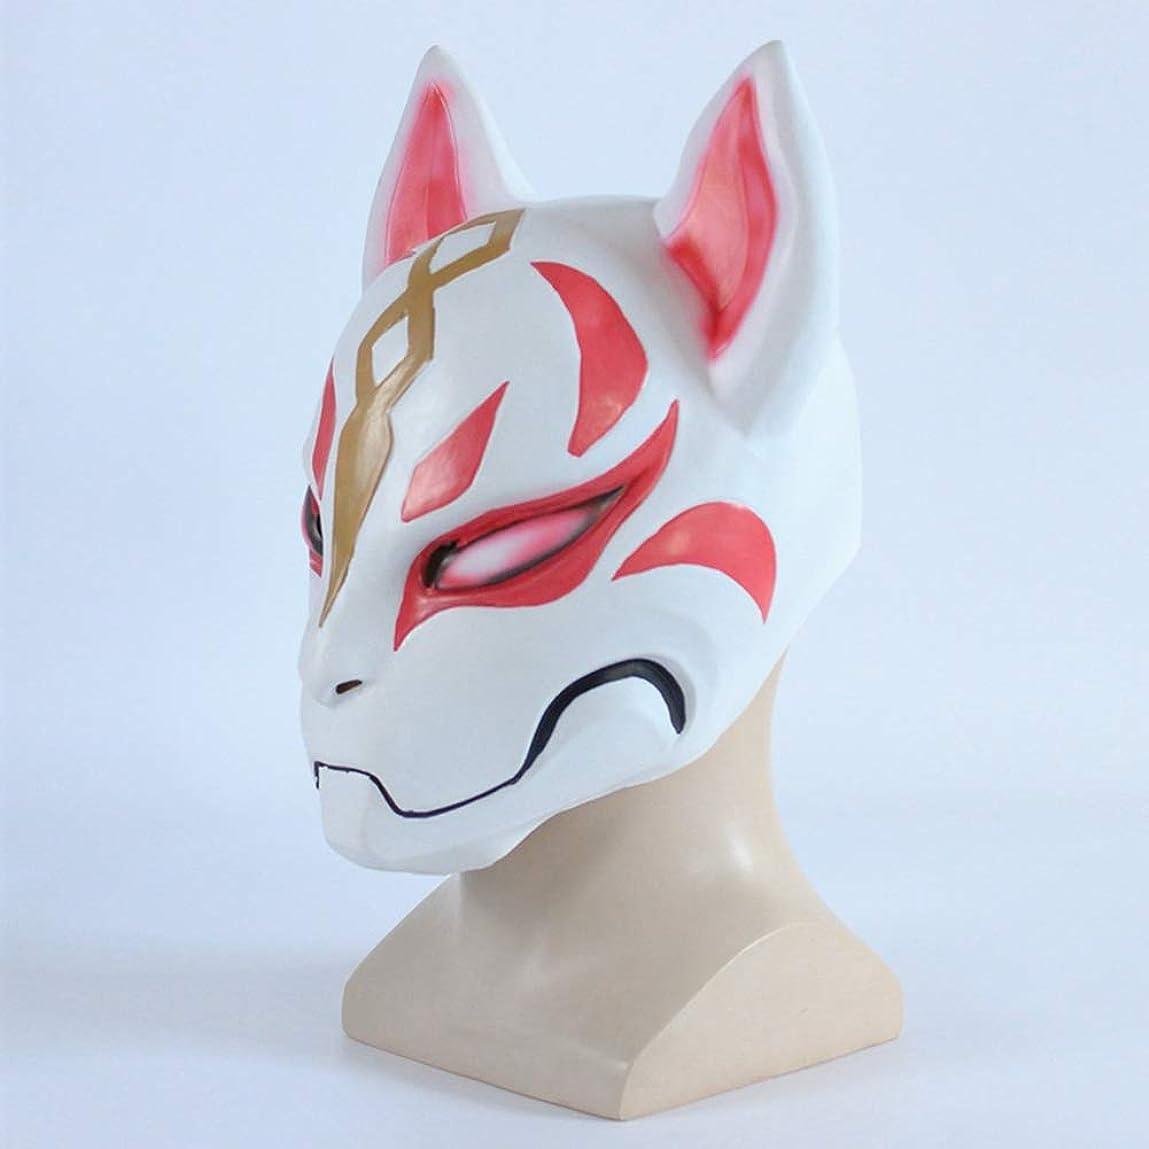 ギャザー監督する本気ハロウィーンホラーマスク、偽フォックスヘッドマスク、創造的な面白い Vizard マスク、パーティー仮装ラテックスマスク